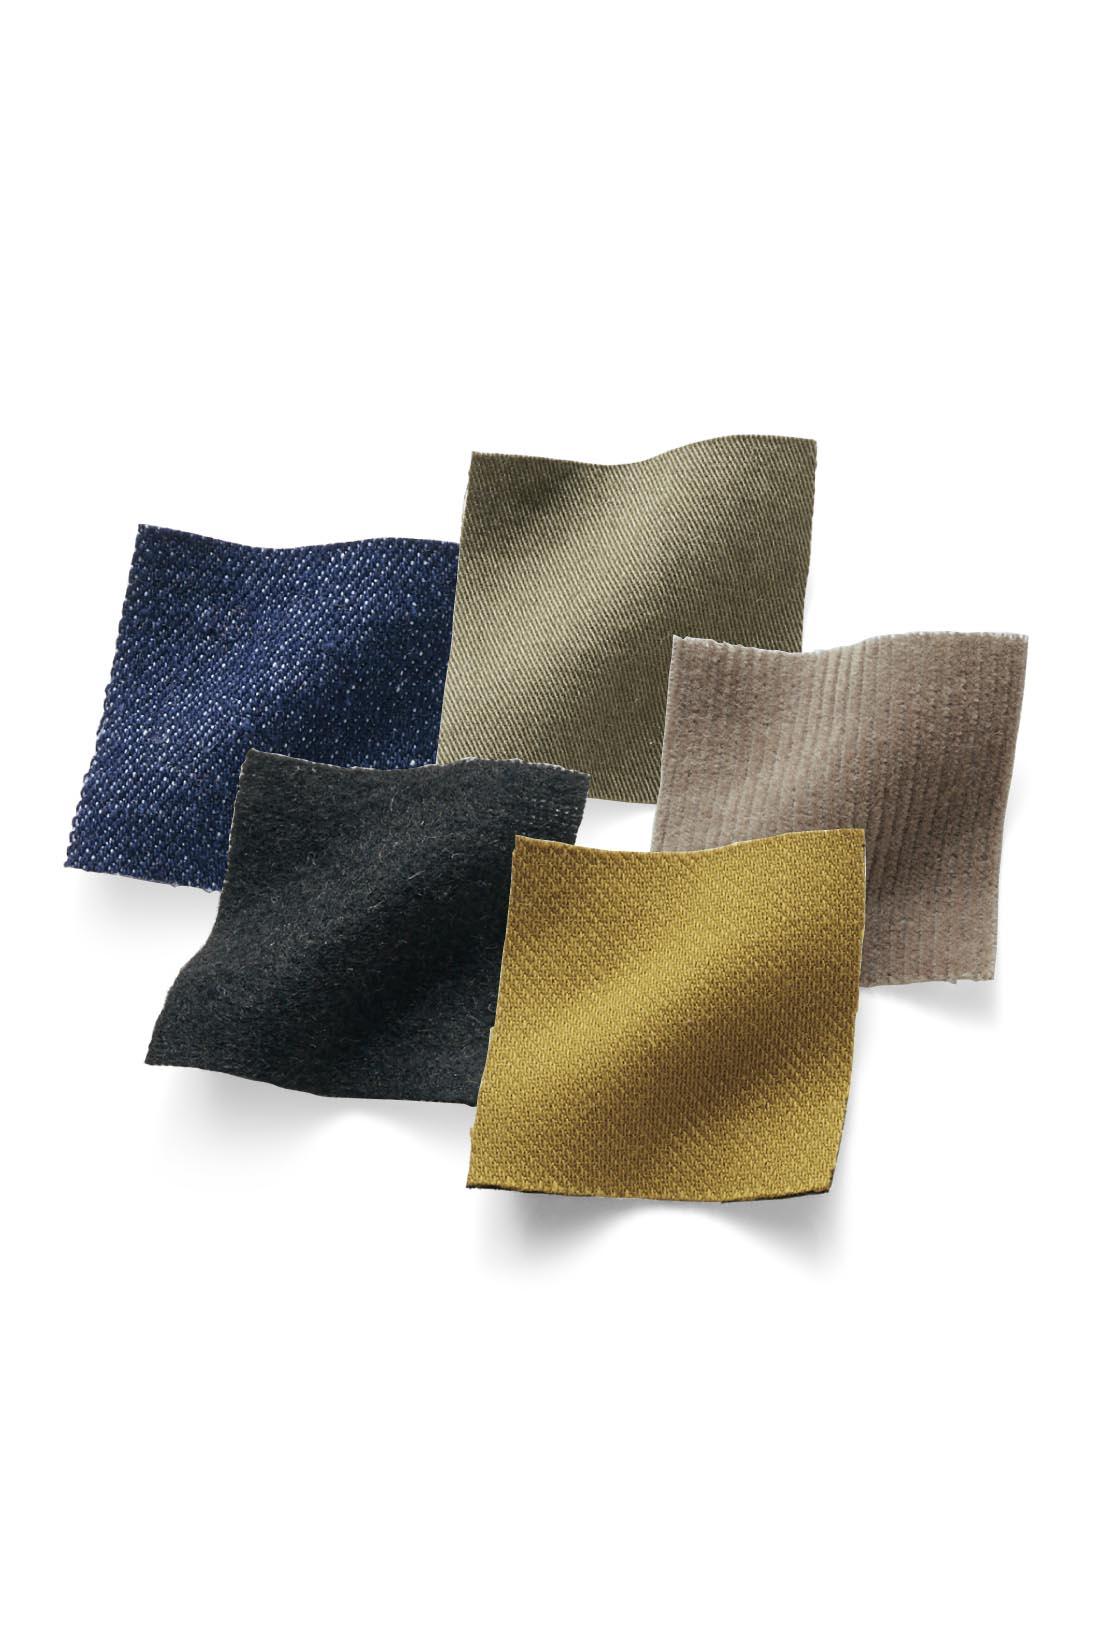 デニムやブラック、マスタードなど使える色柄を中心にお届けします。